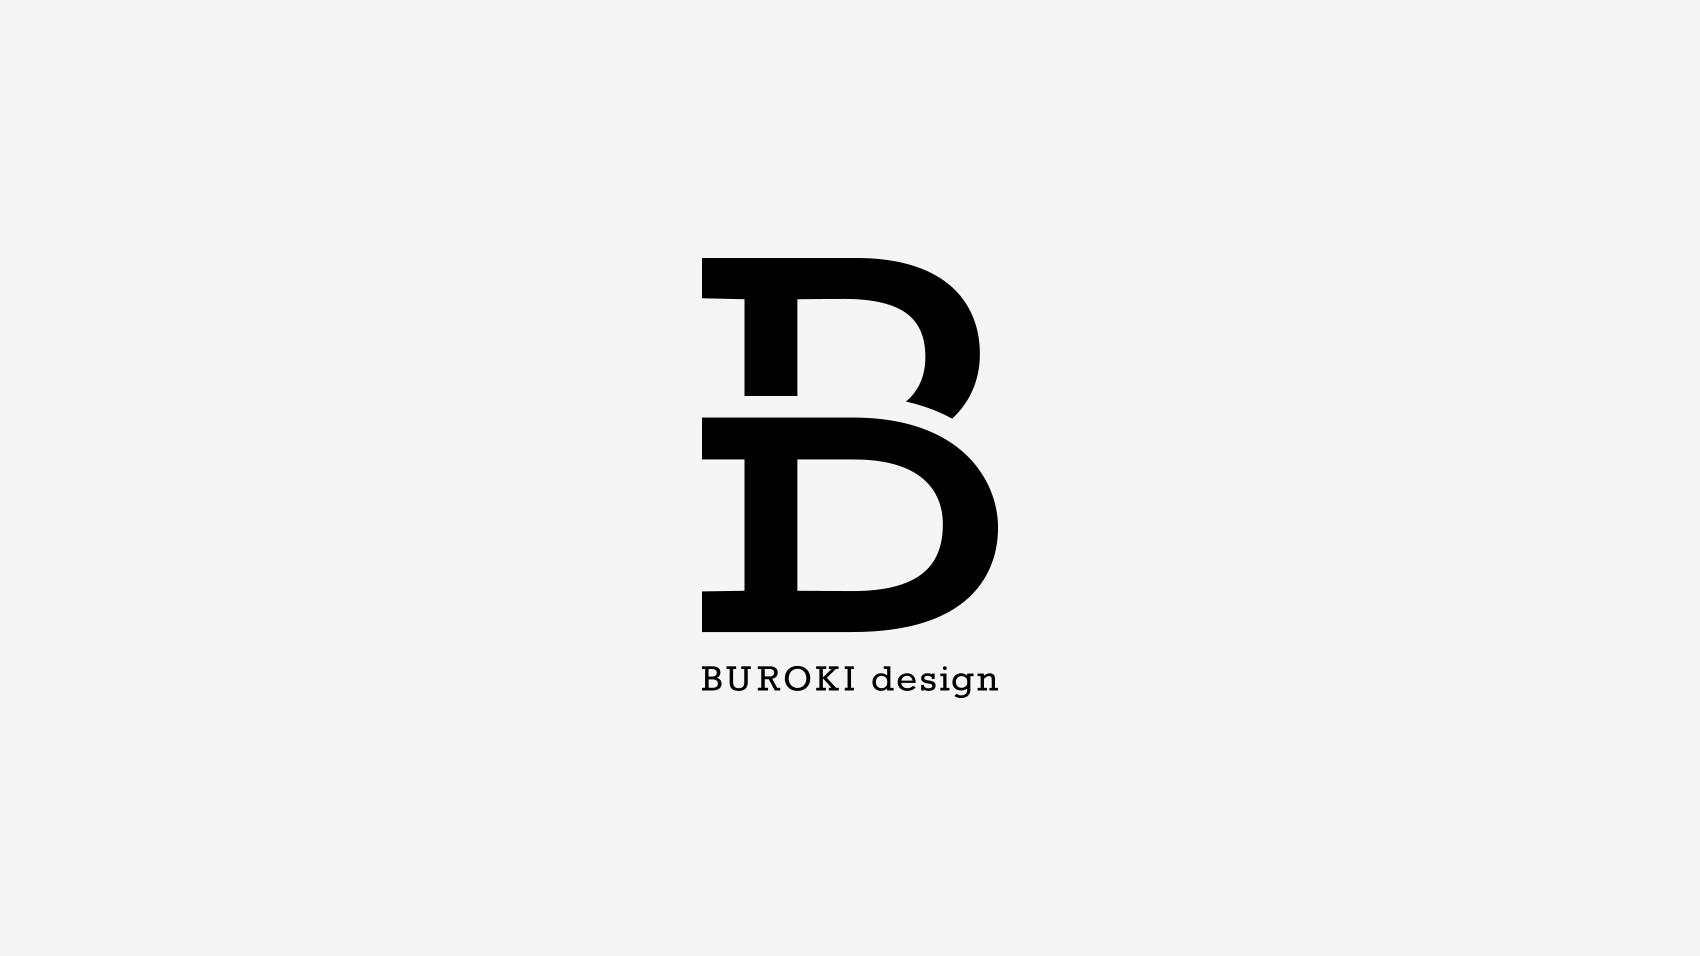 2014年12月から2017年9月までのロゴデザイン